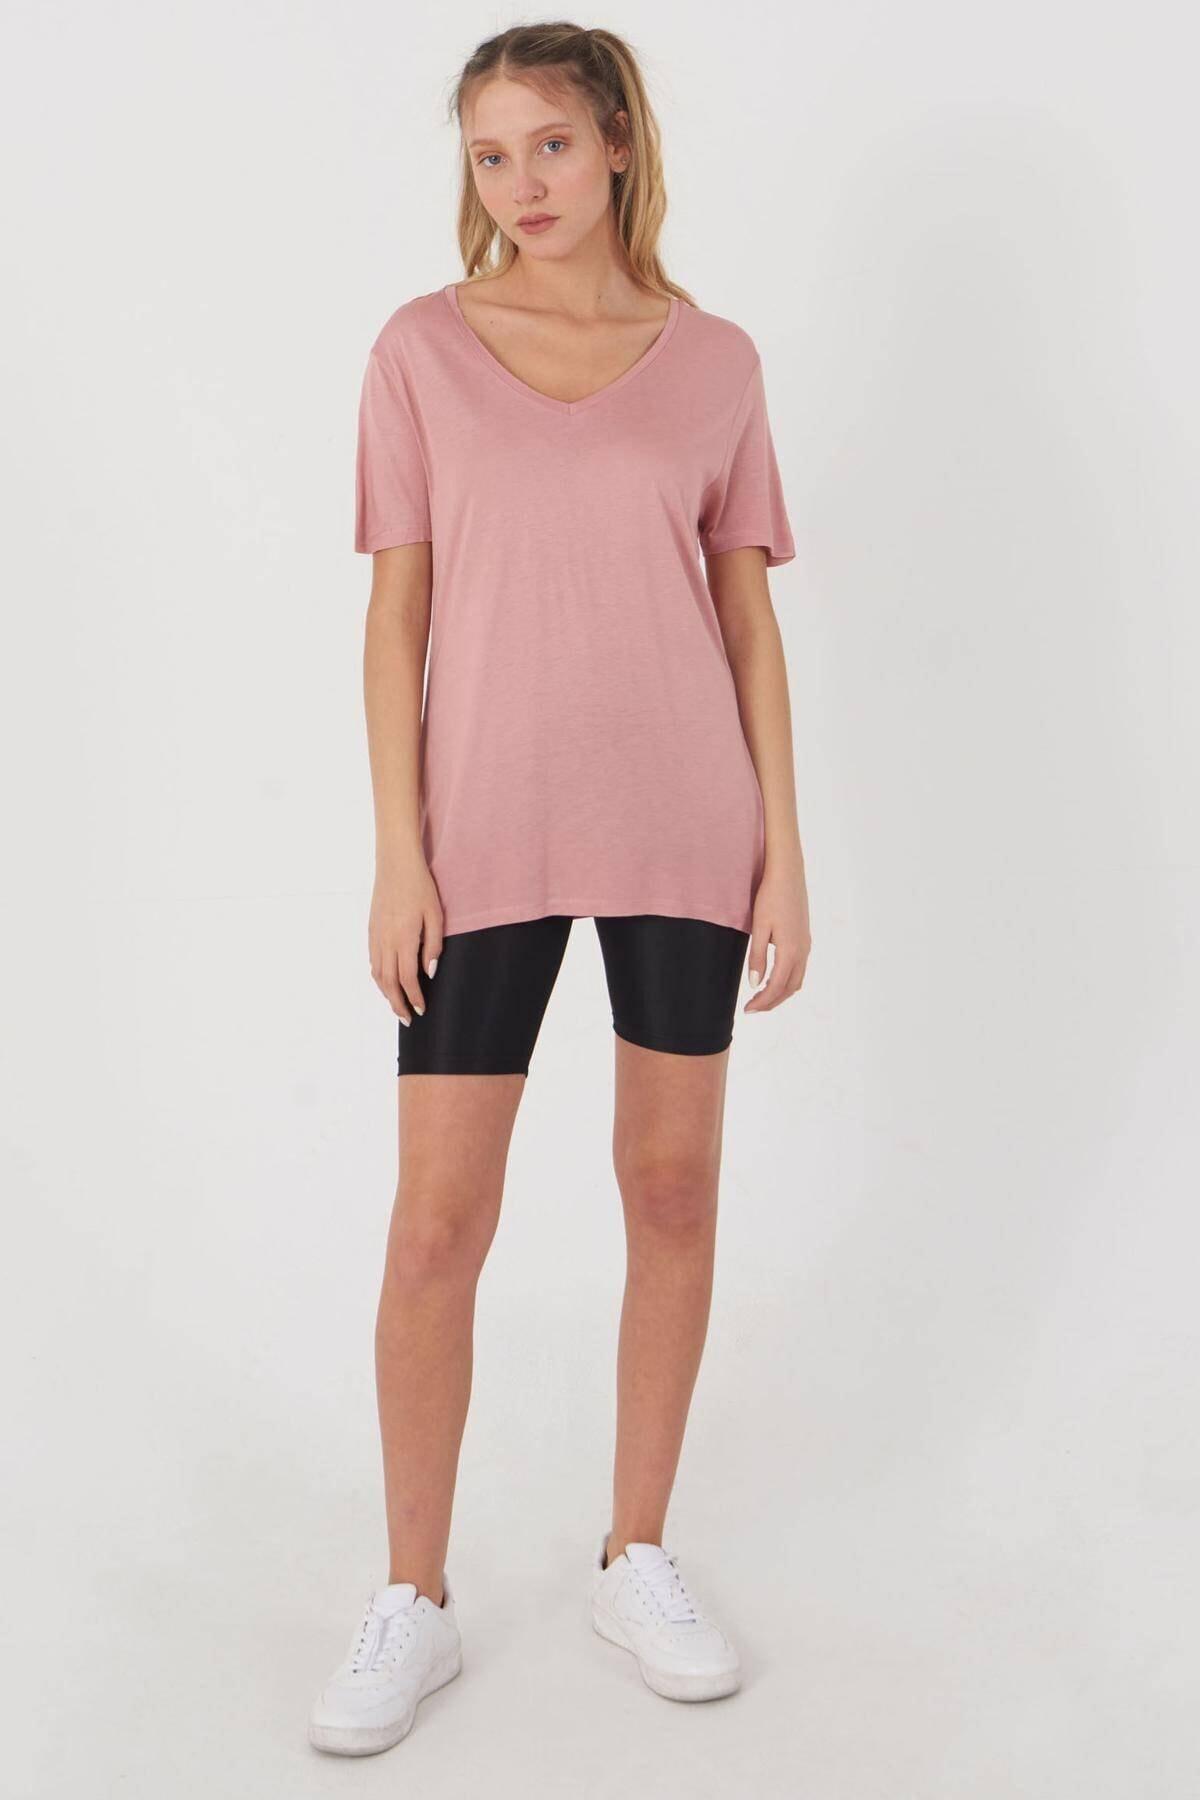 Addax Kadın Pudra V Yaka T-Shirt B0225 - L7 - L8 Adx-00008886 3